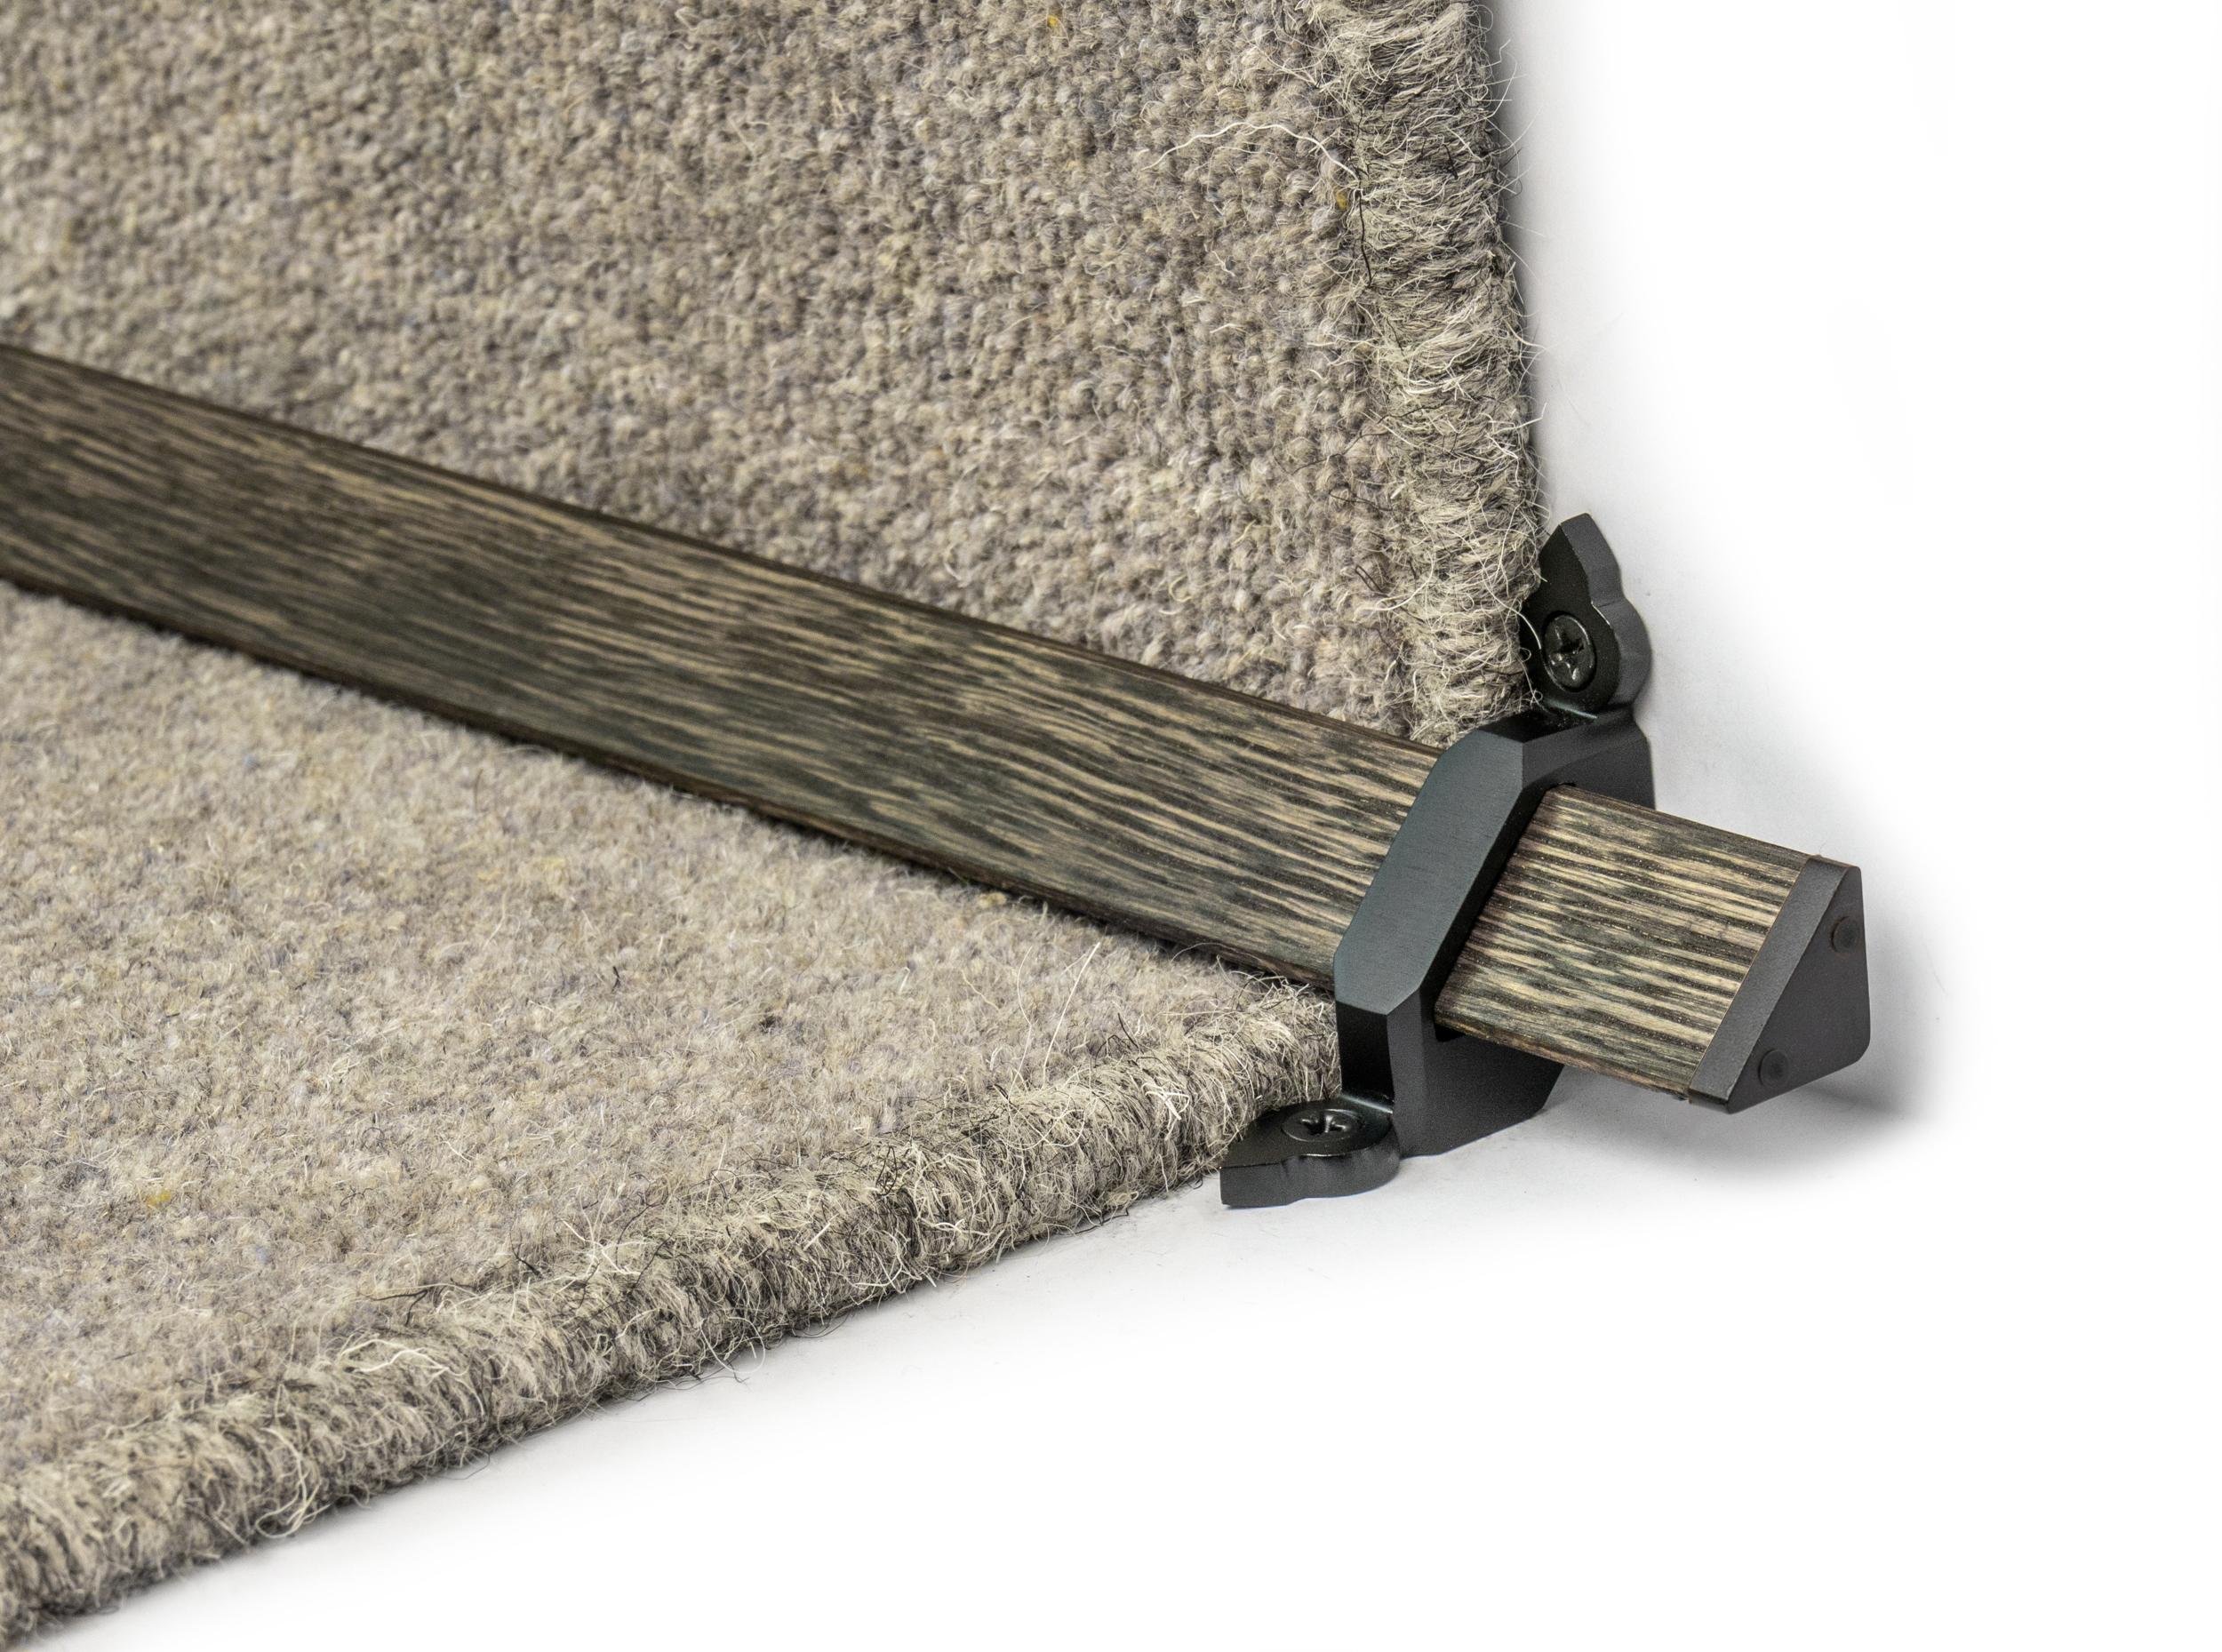 stairrods-black-wooden-tudor 1.jpg